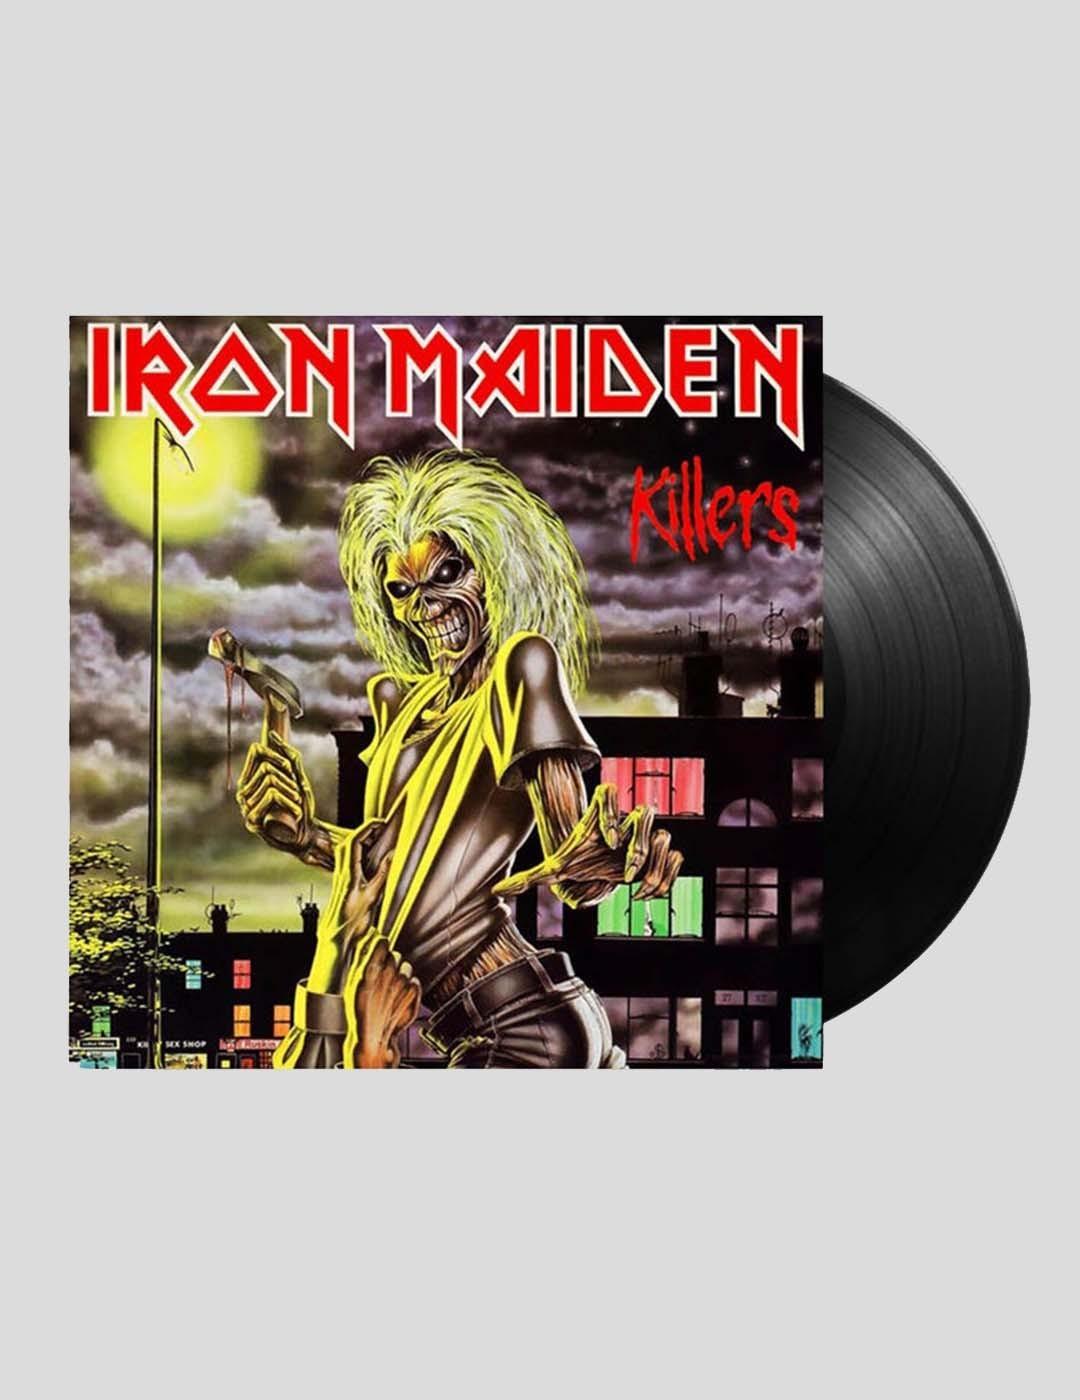 VINILO IRON MAIDEN - KILLERS LP VINYL